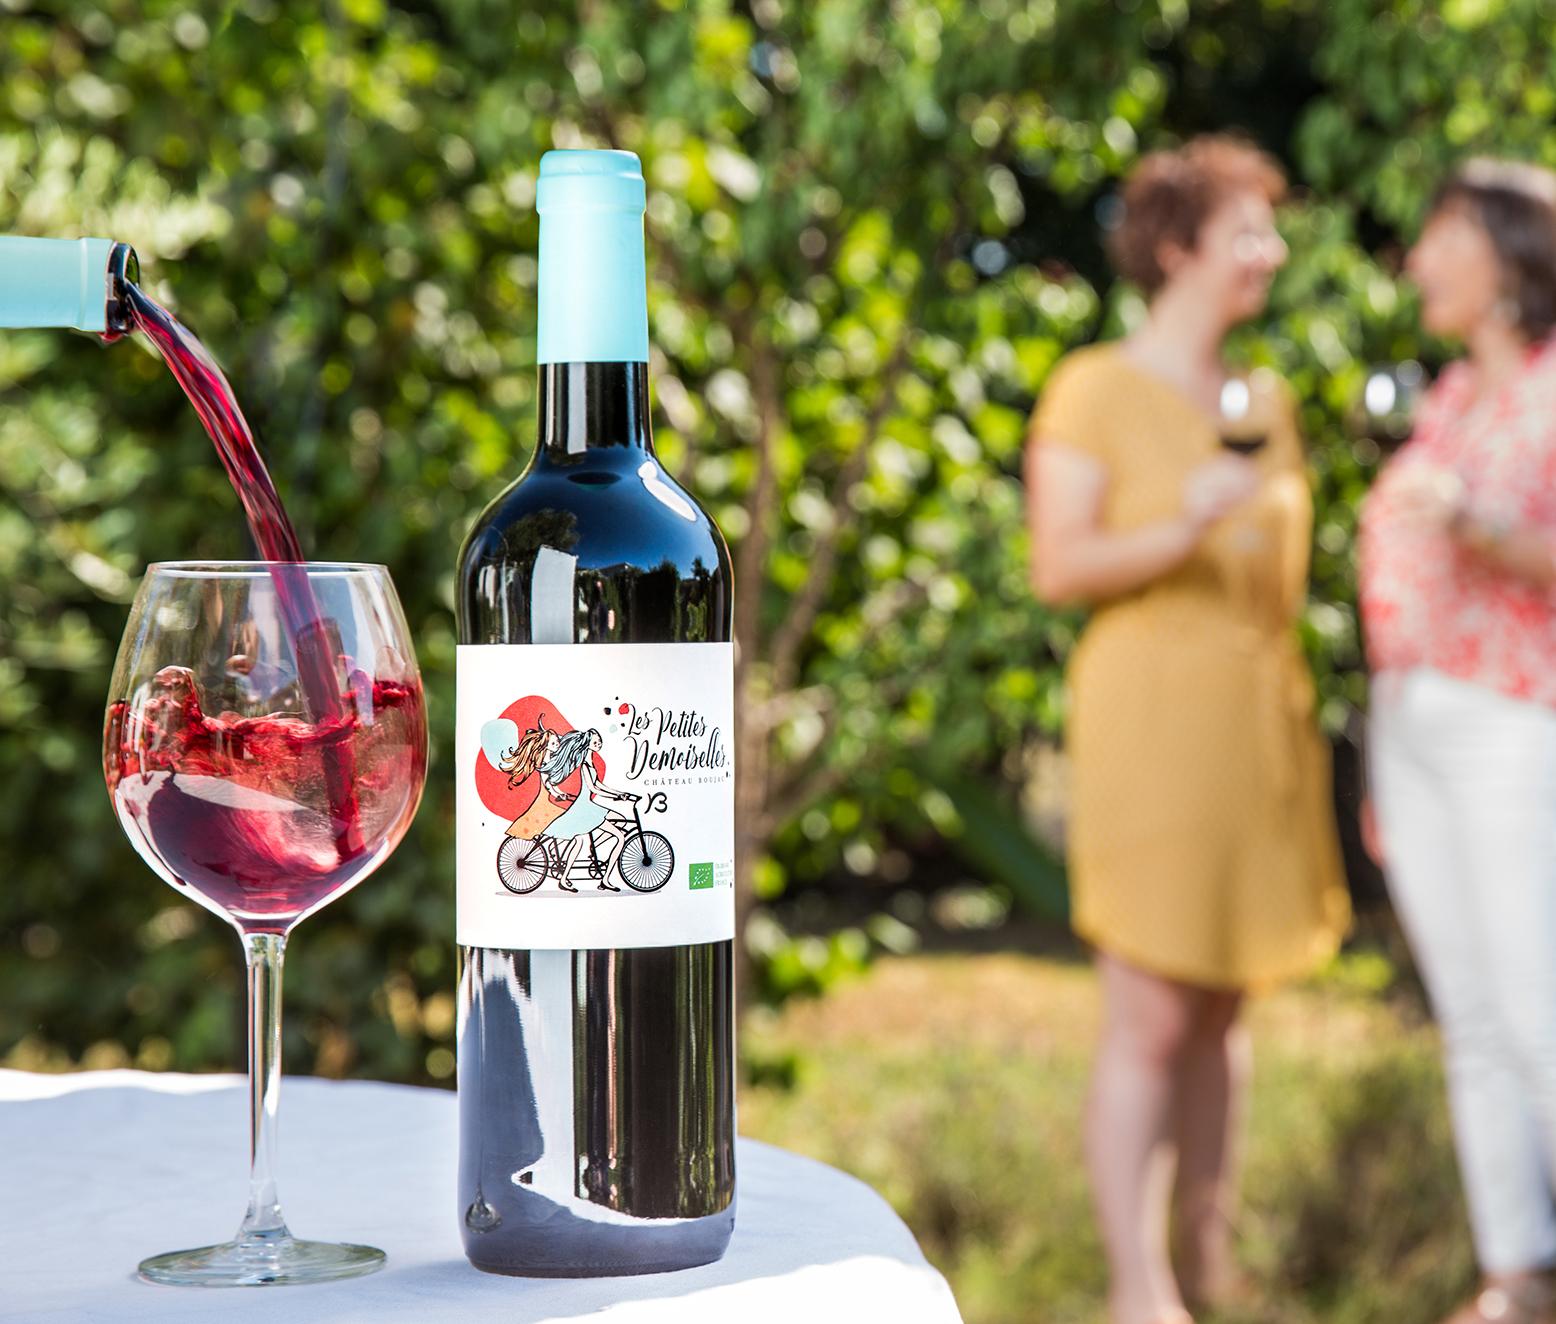 Verre de vin en train de se remplir avec le mouvement du vin dans le verre. Deux personnes discutent en arrière plan.